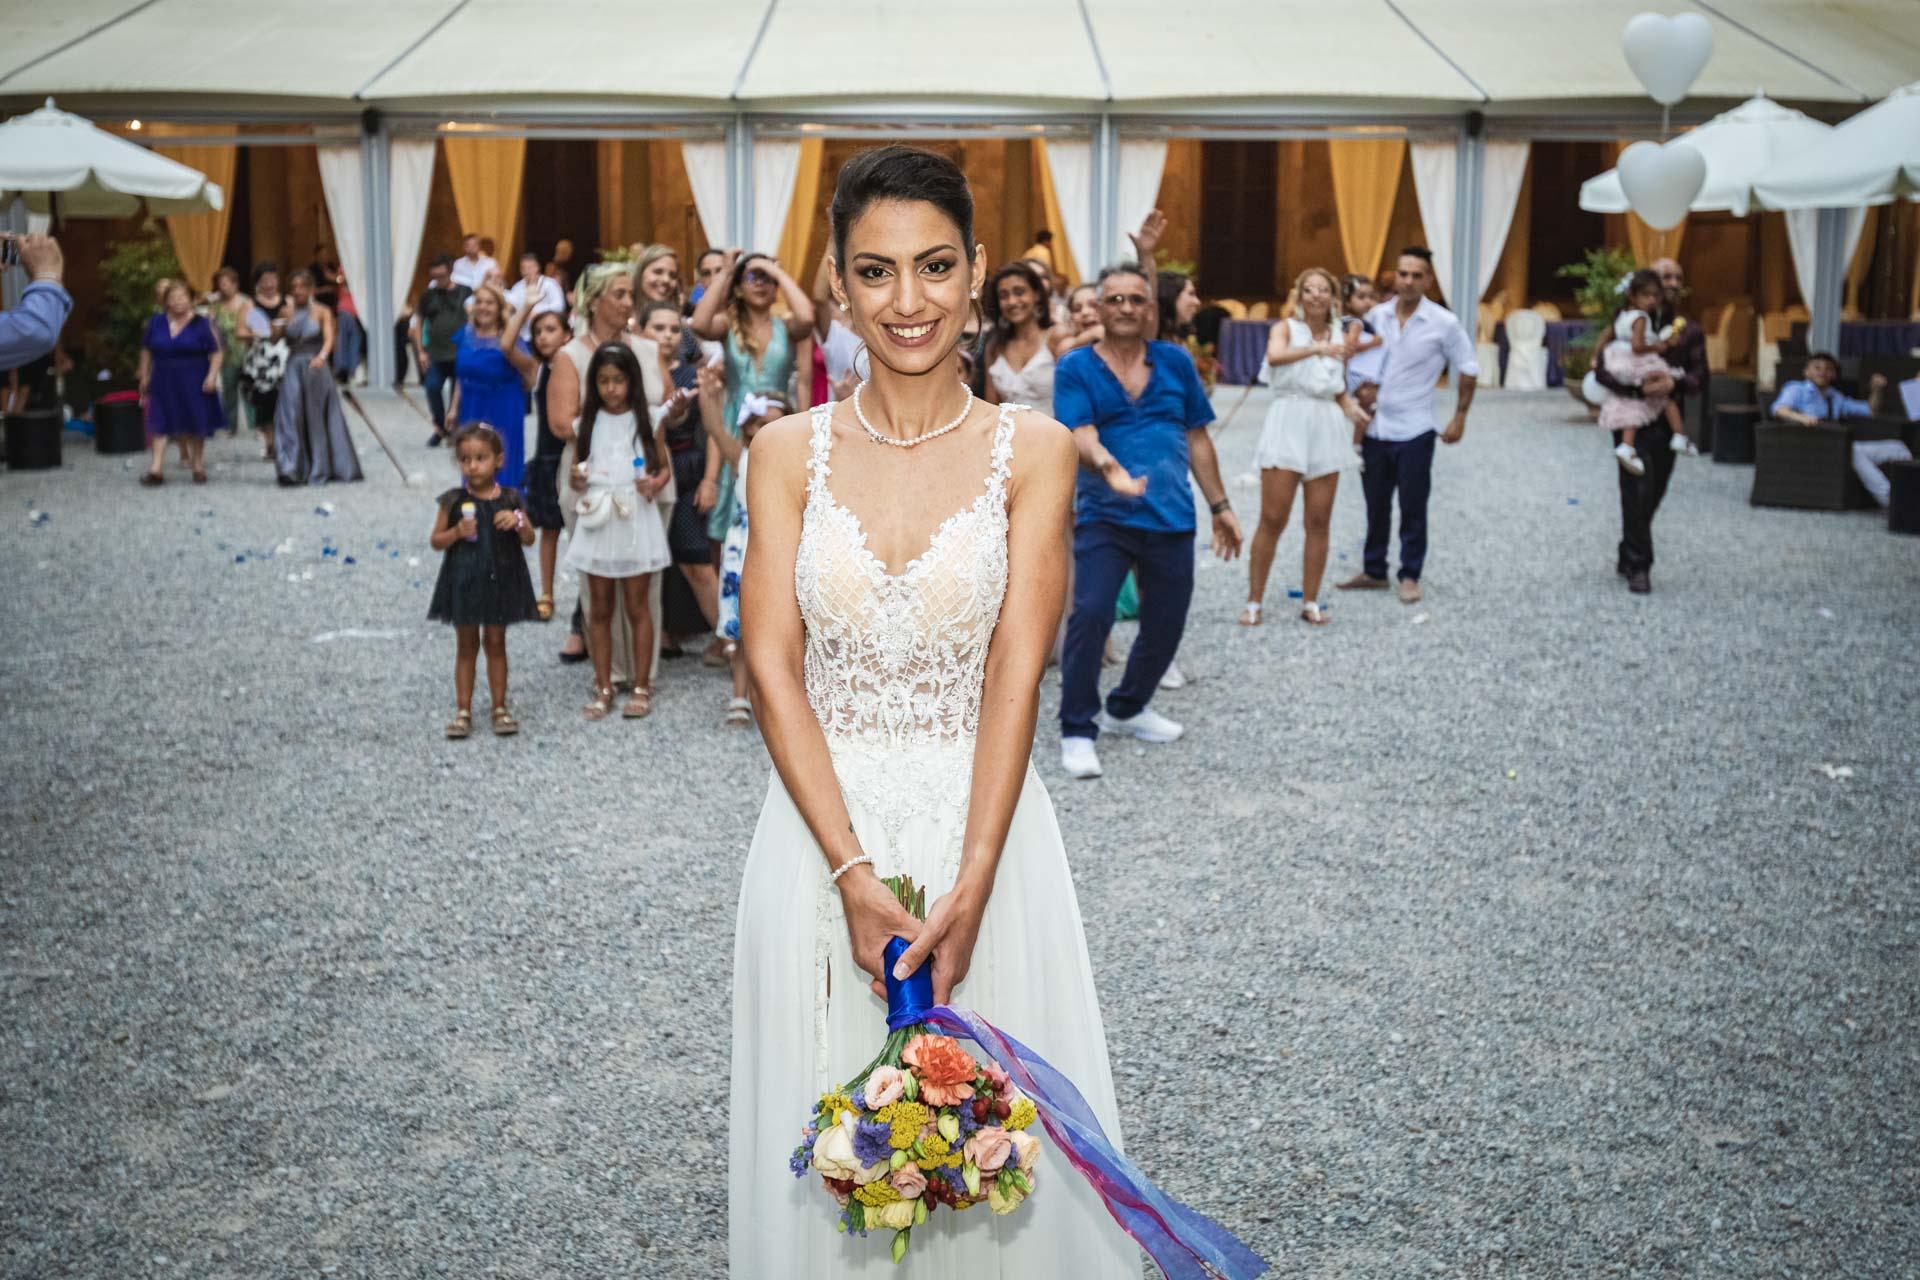 sposa lancio bouquet invitati